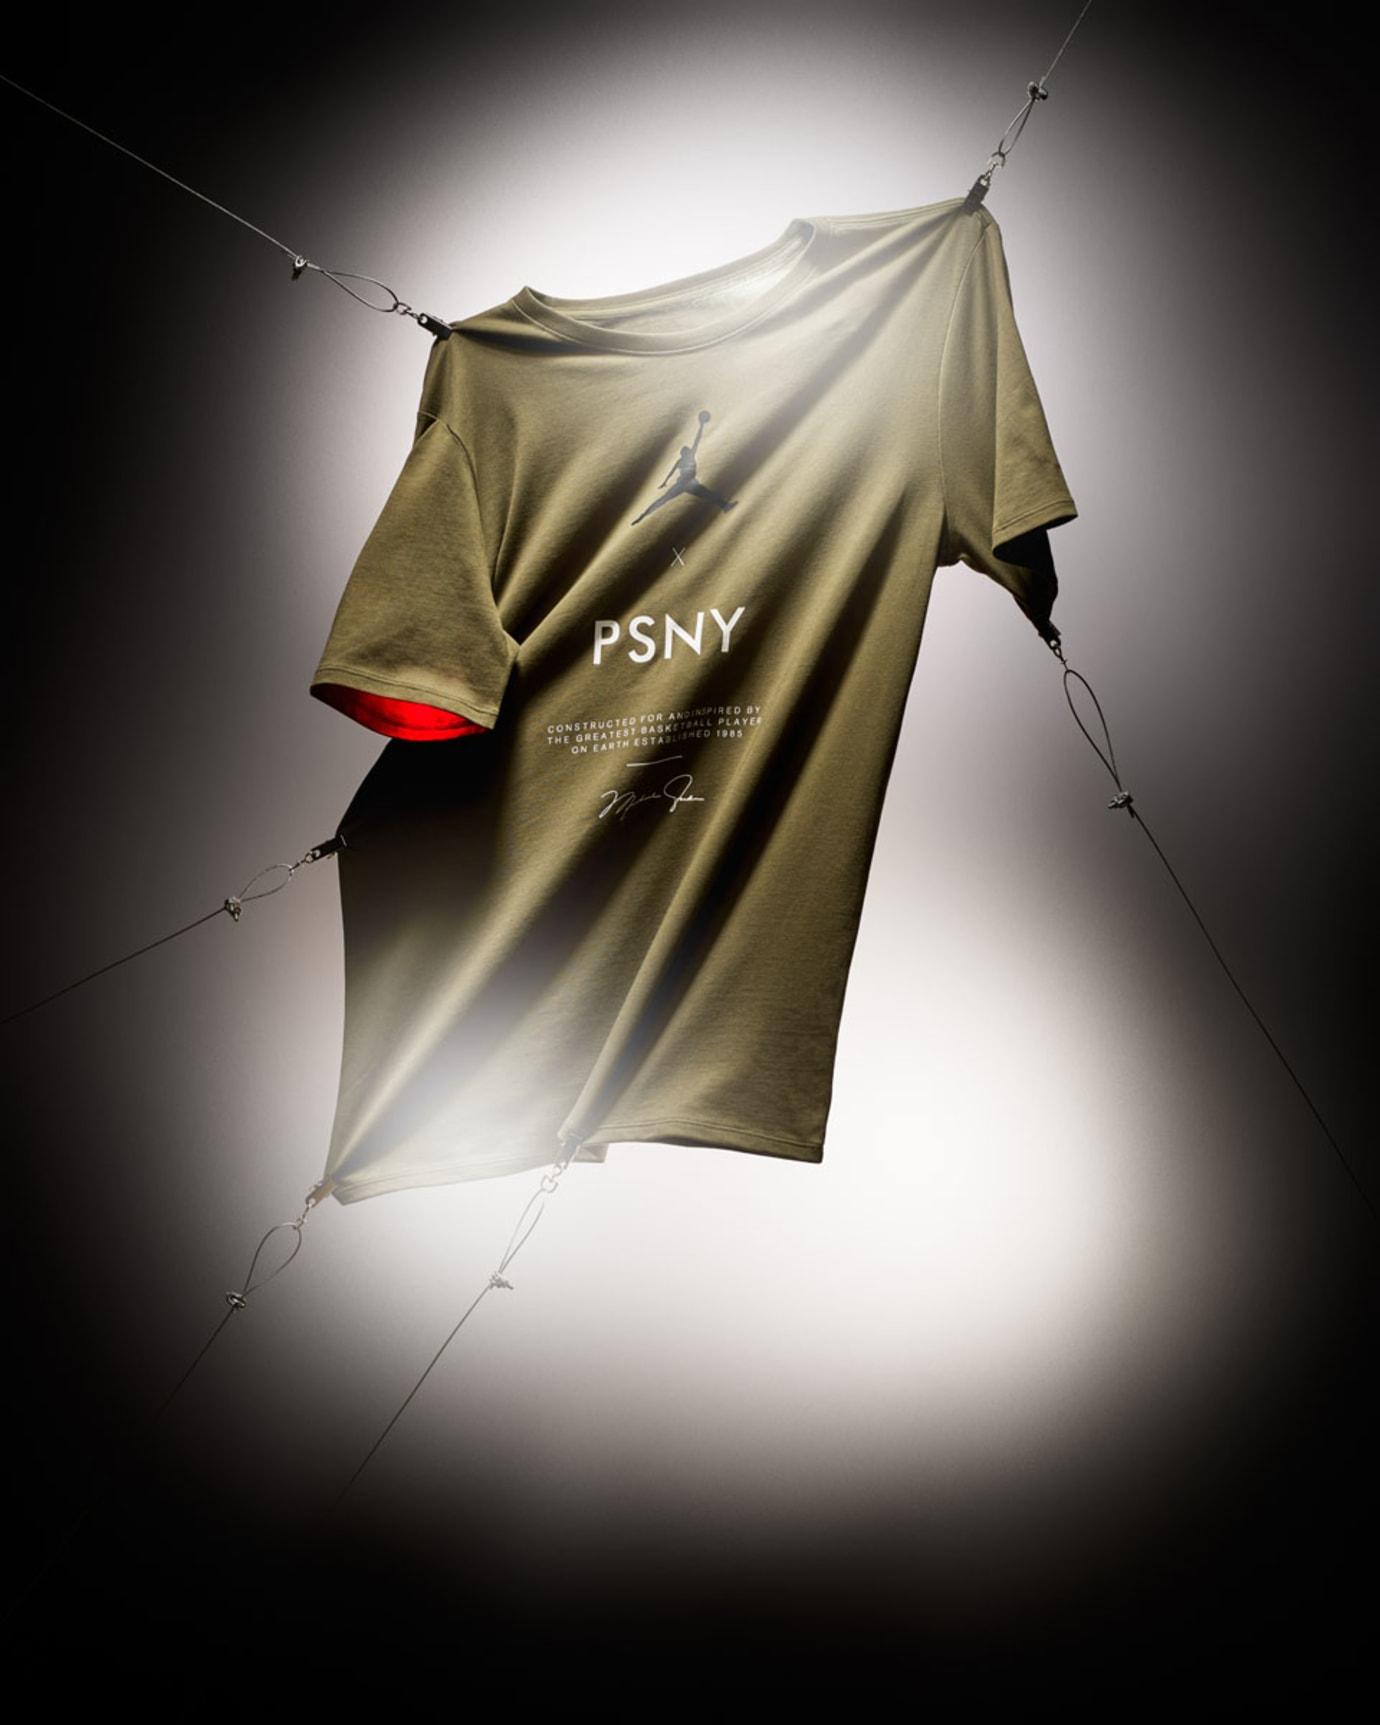 PSNY x Air Jordan Capsule (12)